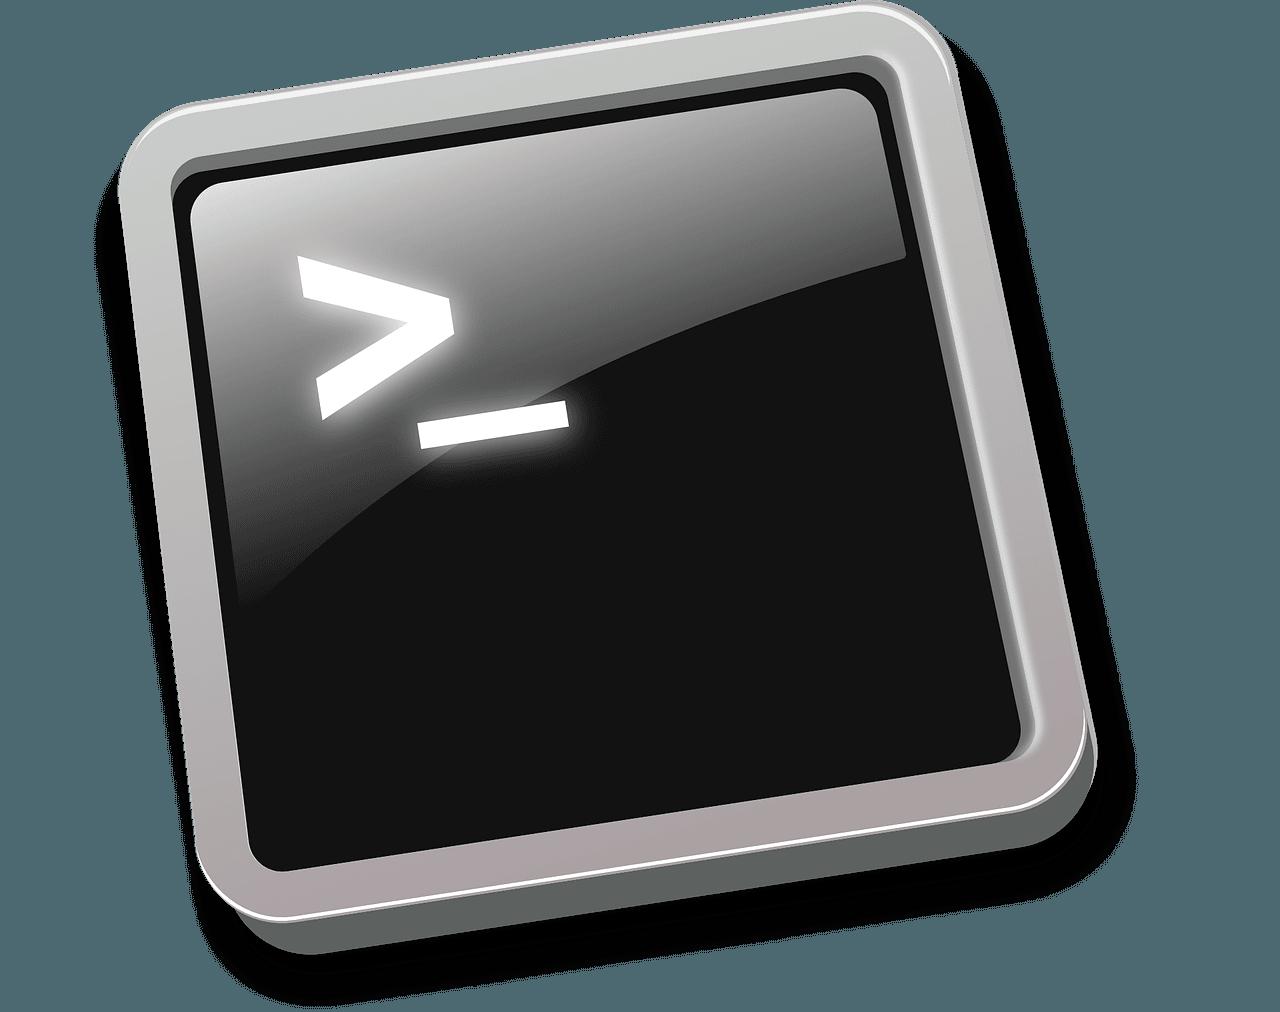 trabajar con parametros archivos de consola de php